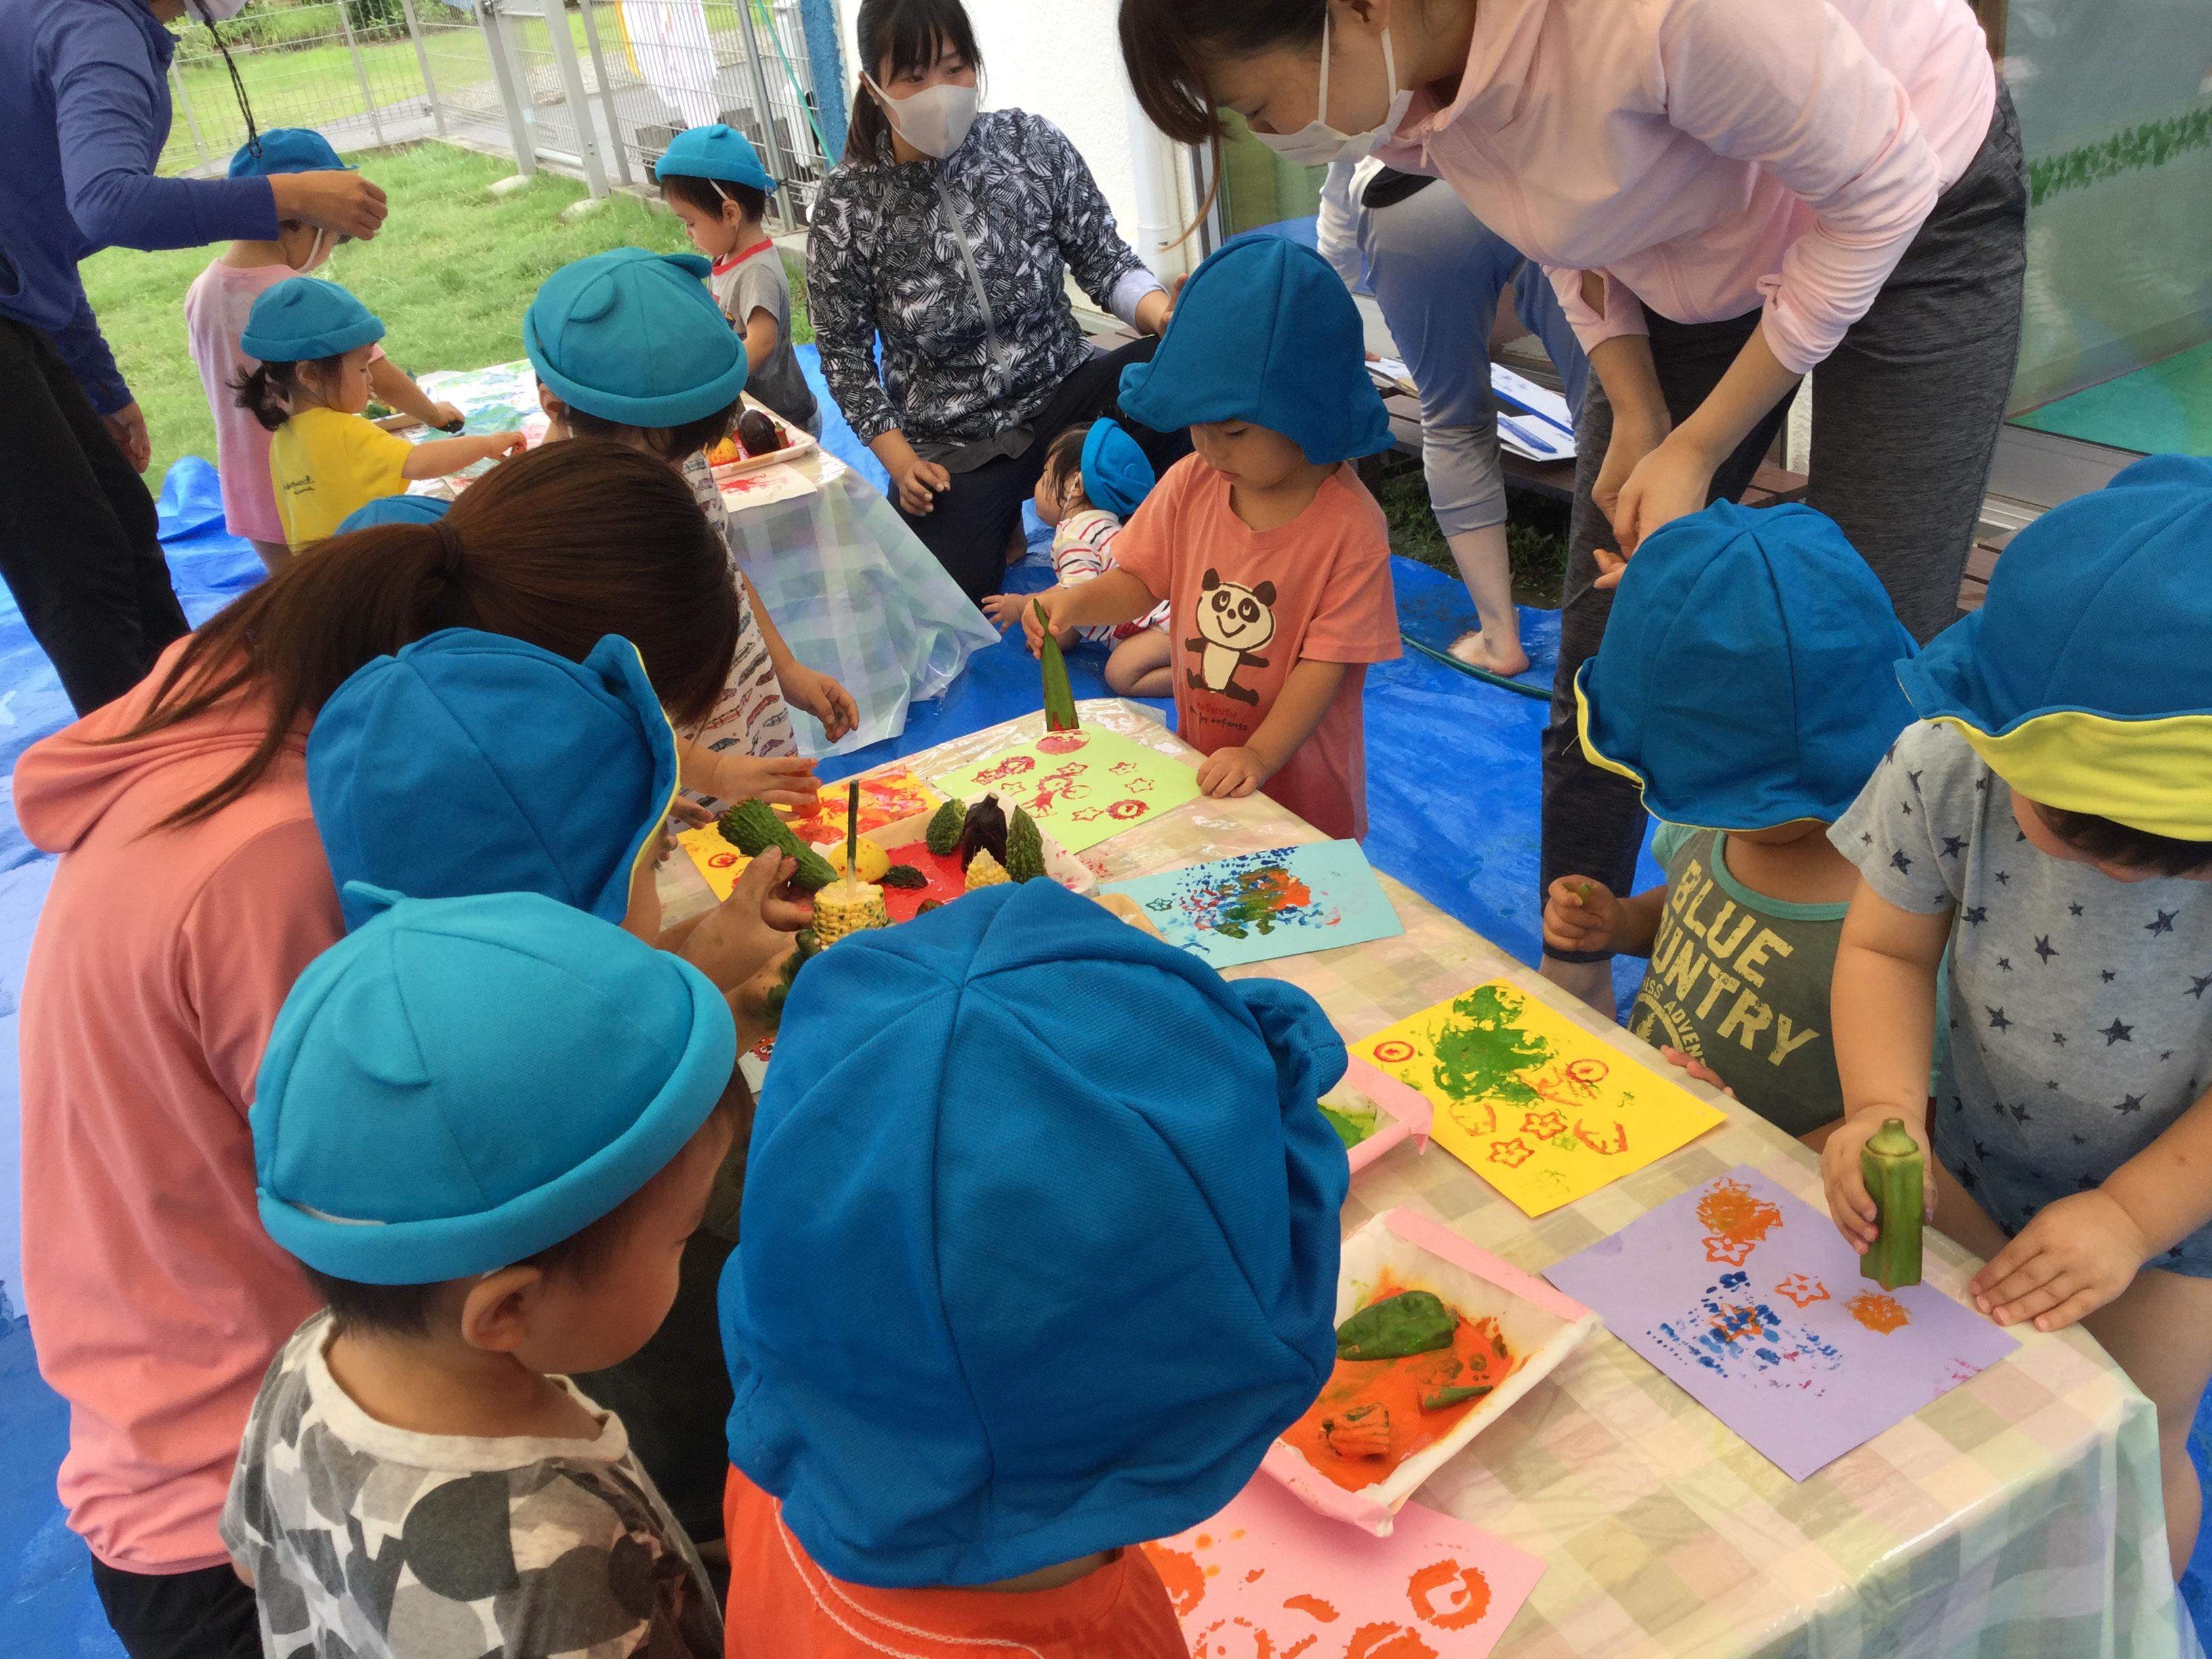 ピーマン、とうもろこし、オクラ、ゴーヤなど、いろいろな野菜をスタンプして遊びました。